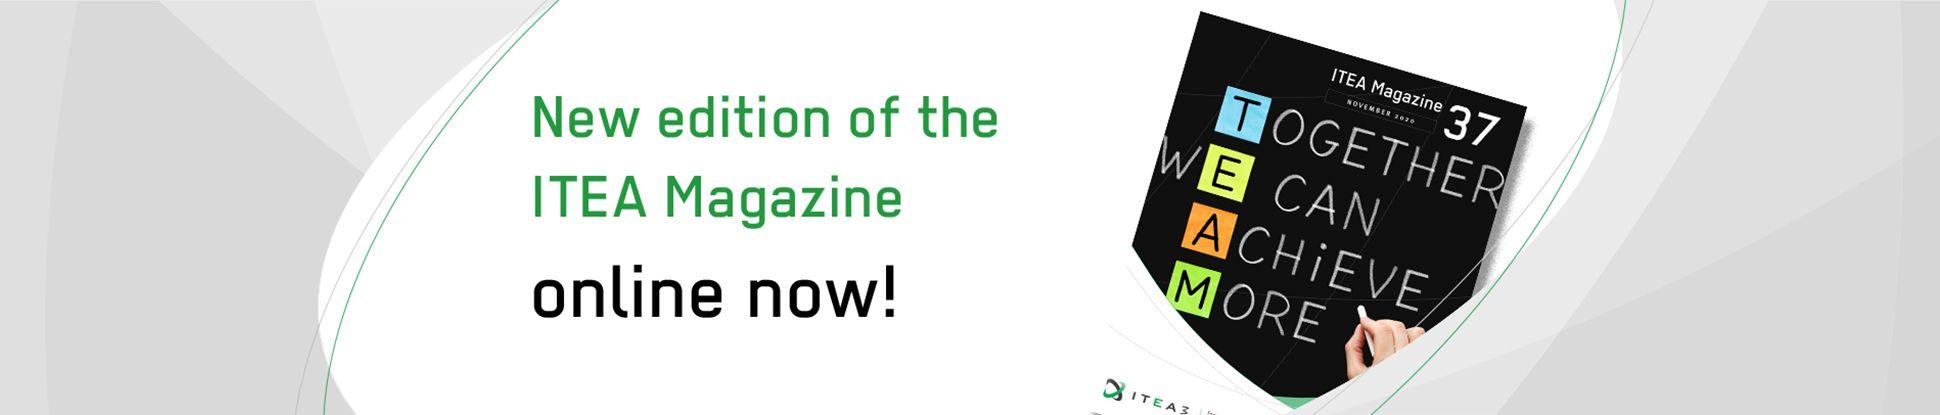 New ITEA Magazine online jumbotron